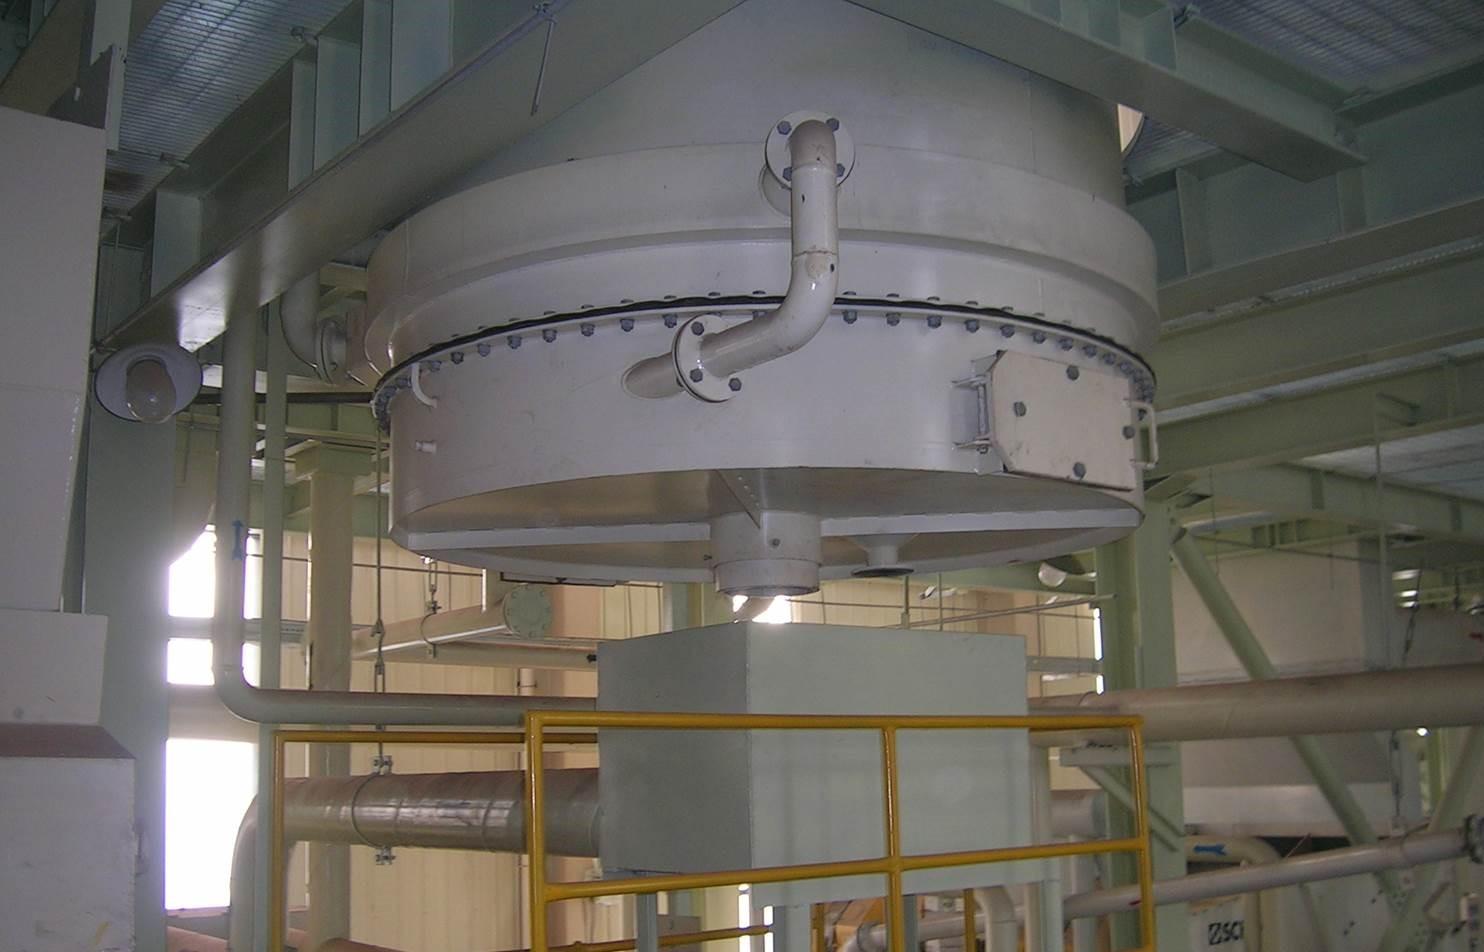 teetered-bed-separator-HOT-Mining-2.jpg